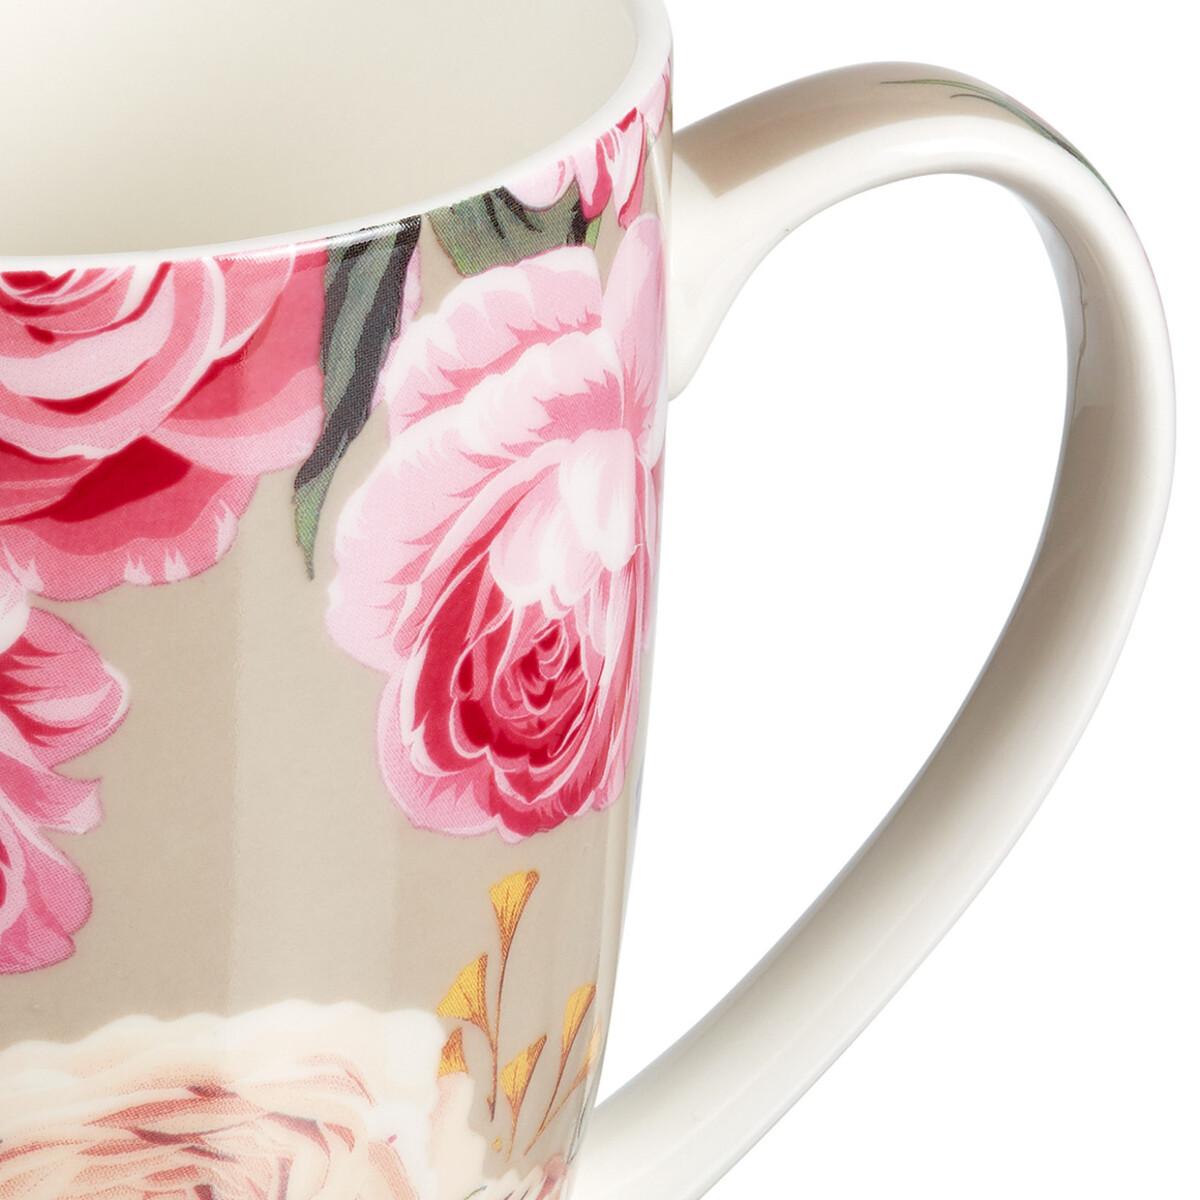 Bild 3 von Tasse mit Rosen-Dessin